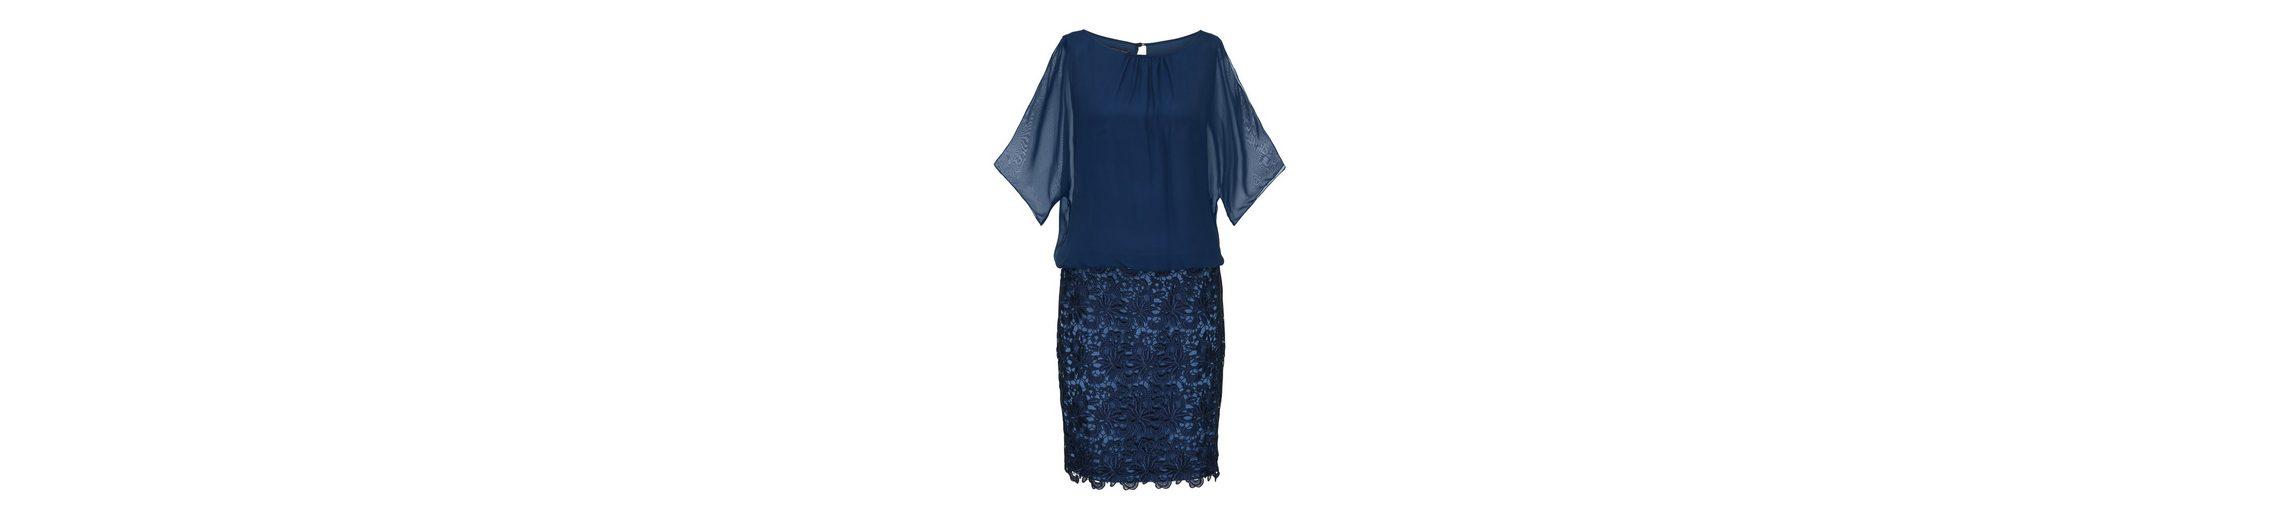 Apart Kleid Verkauf Erschwinglich Billig Bestseller XAf1vvzS